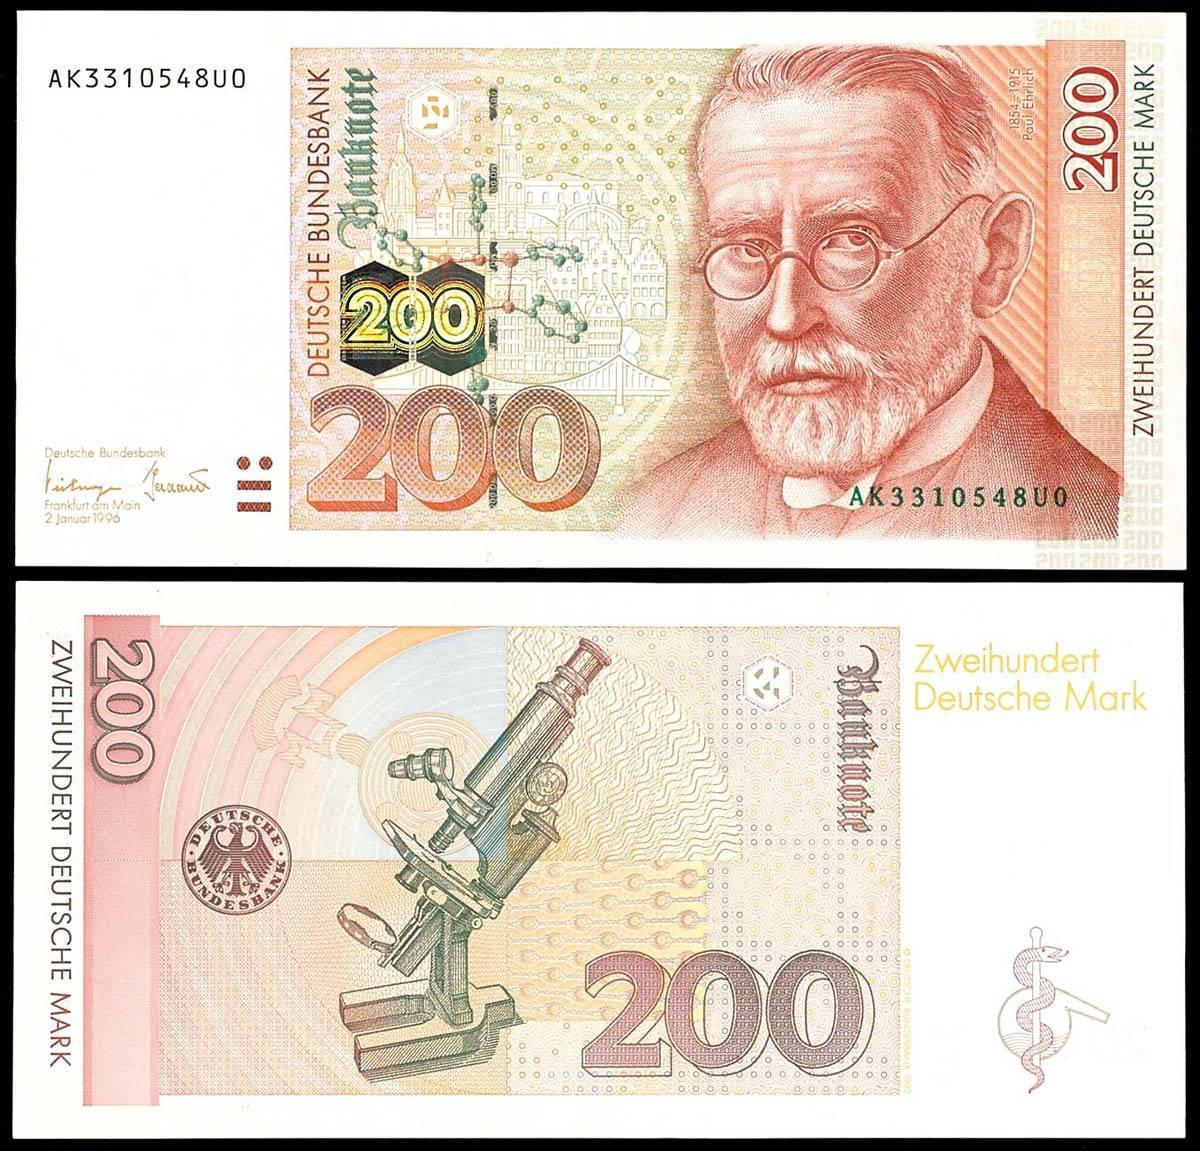 Валюта в германии: где обменять, примерные цены, что купить